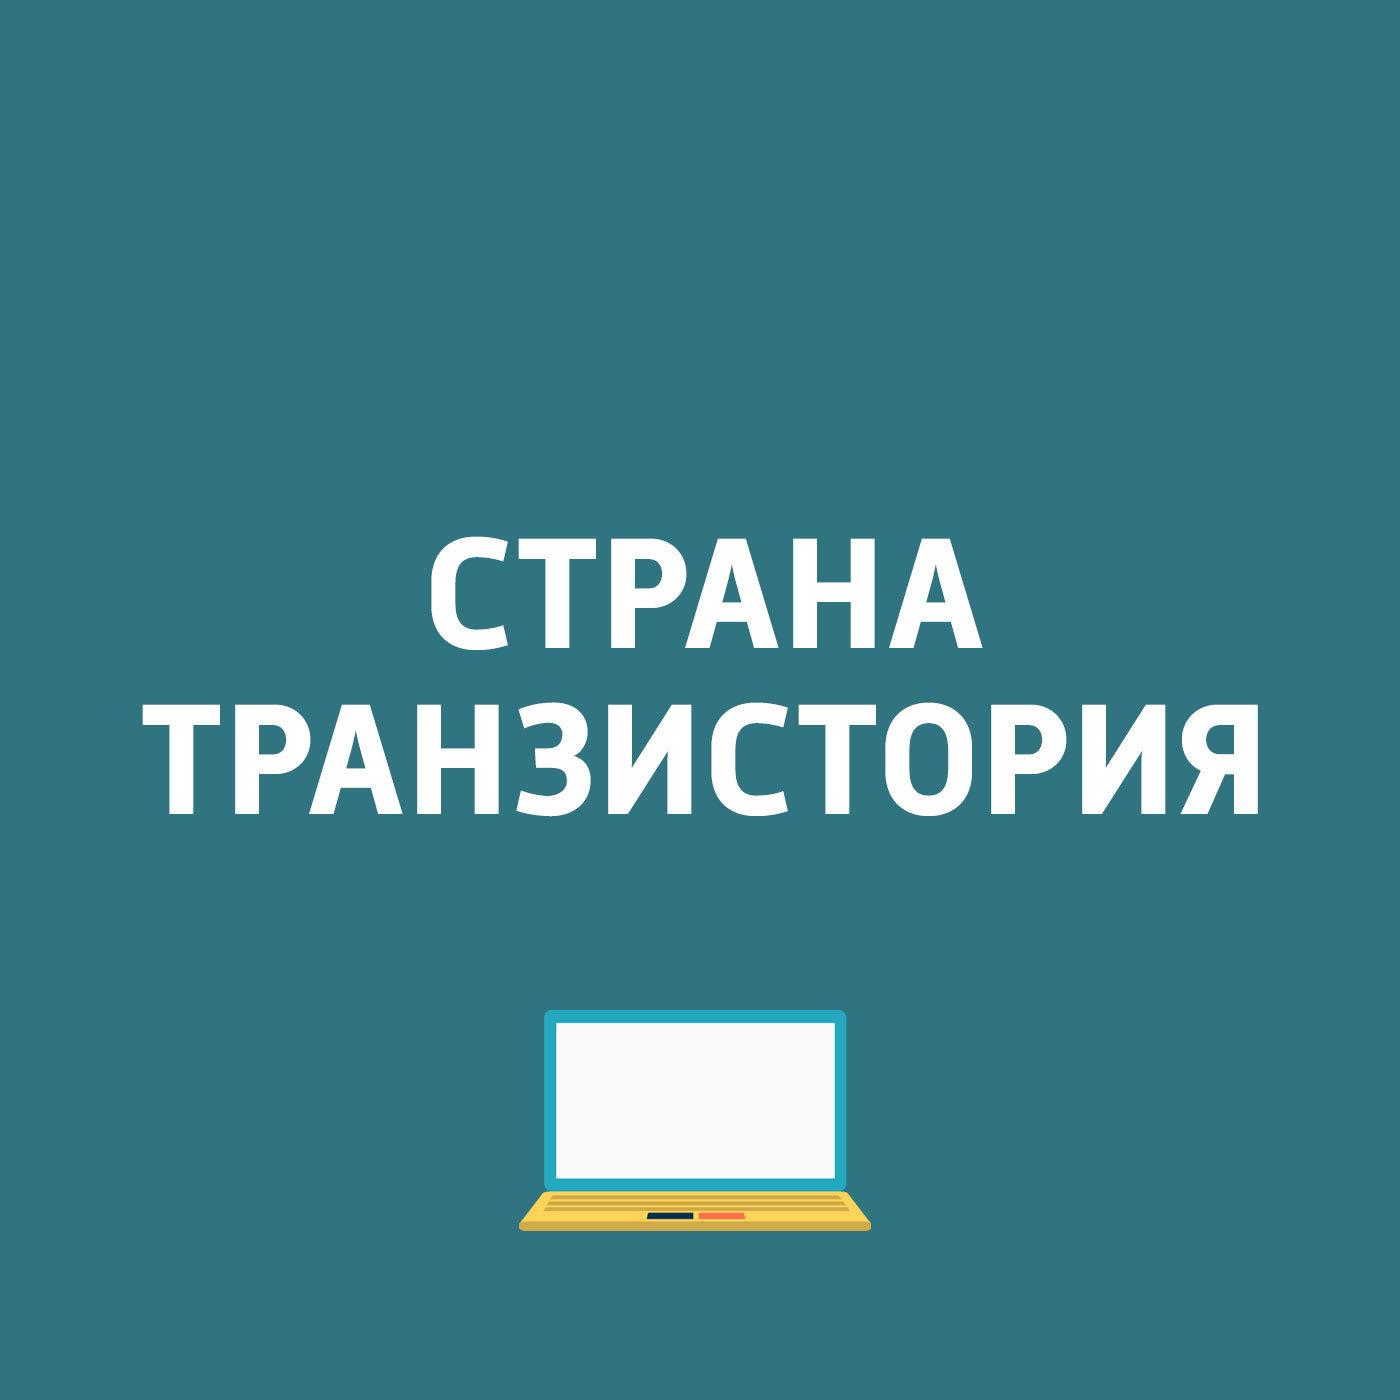 Картаев Павел Sony начала принимать предзаказы на Xperia X и XA